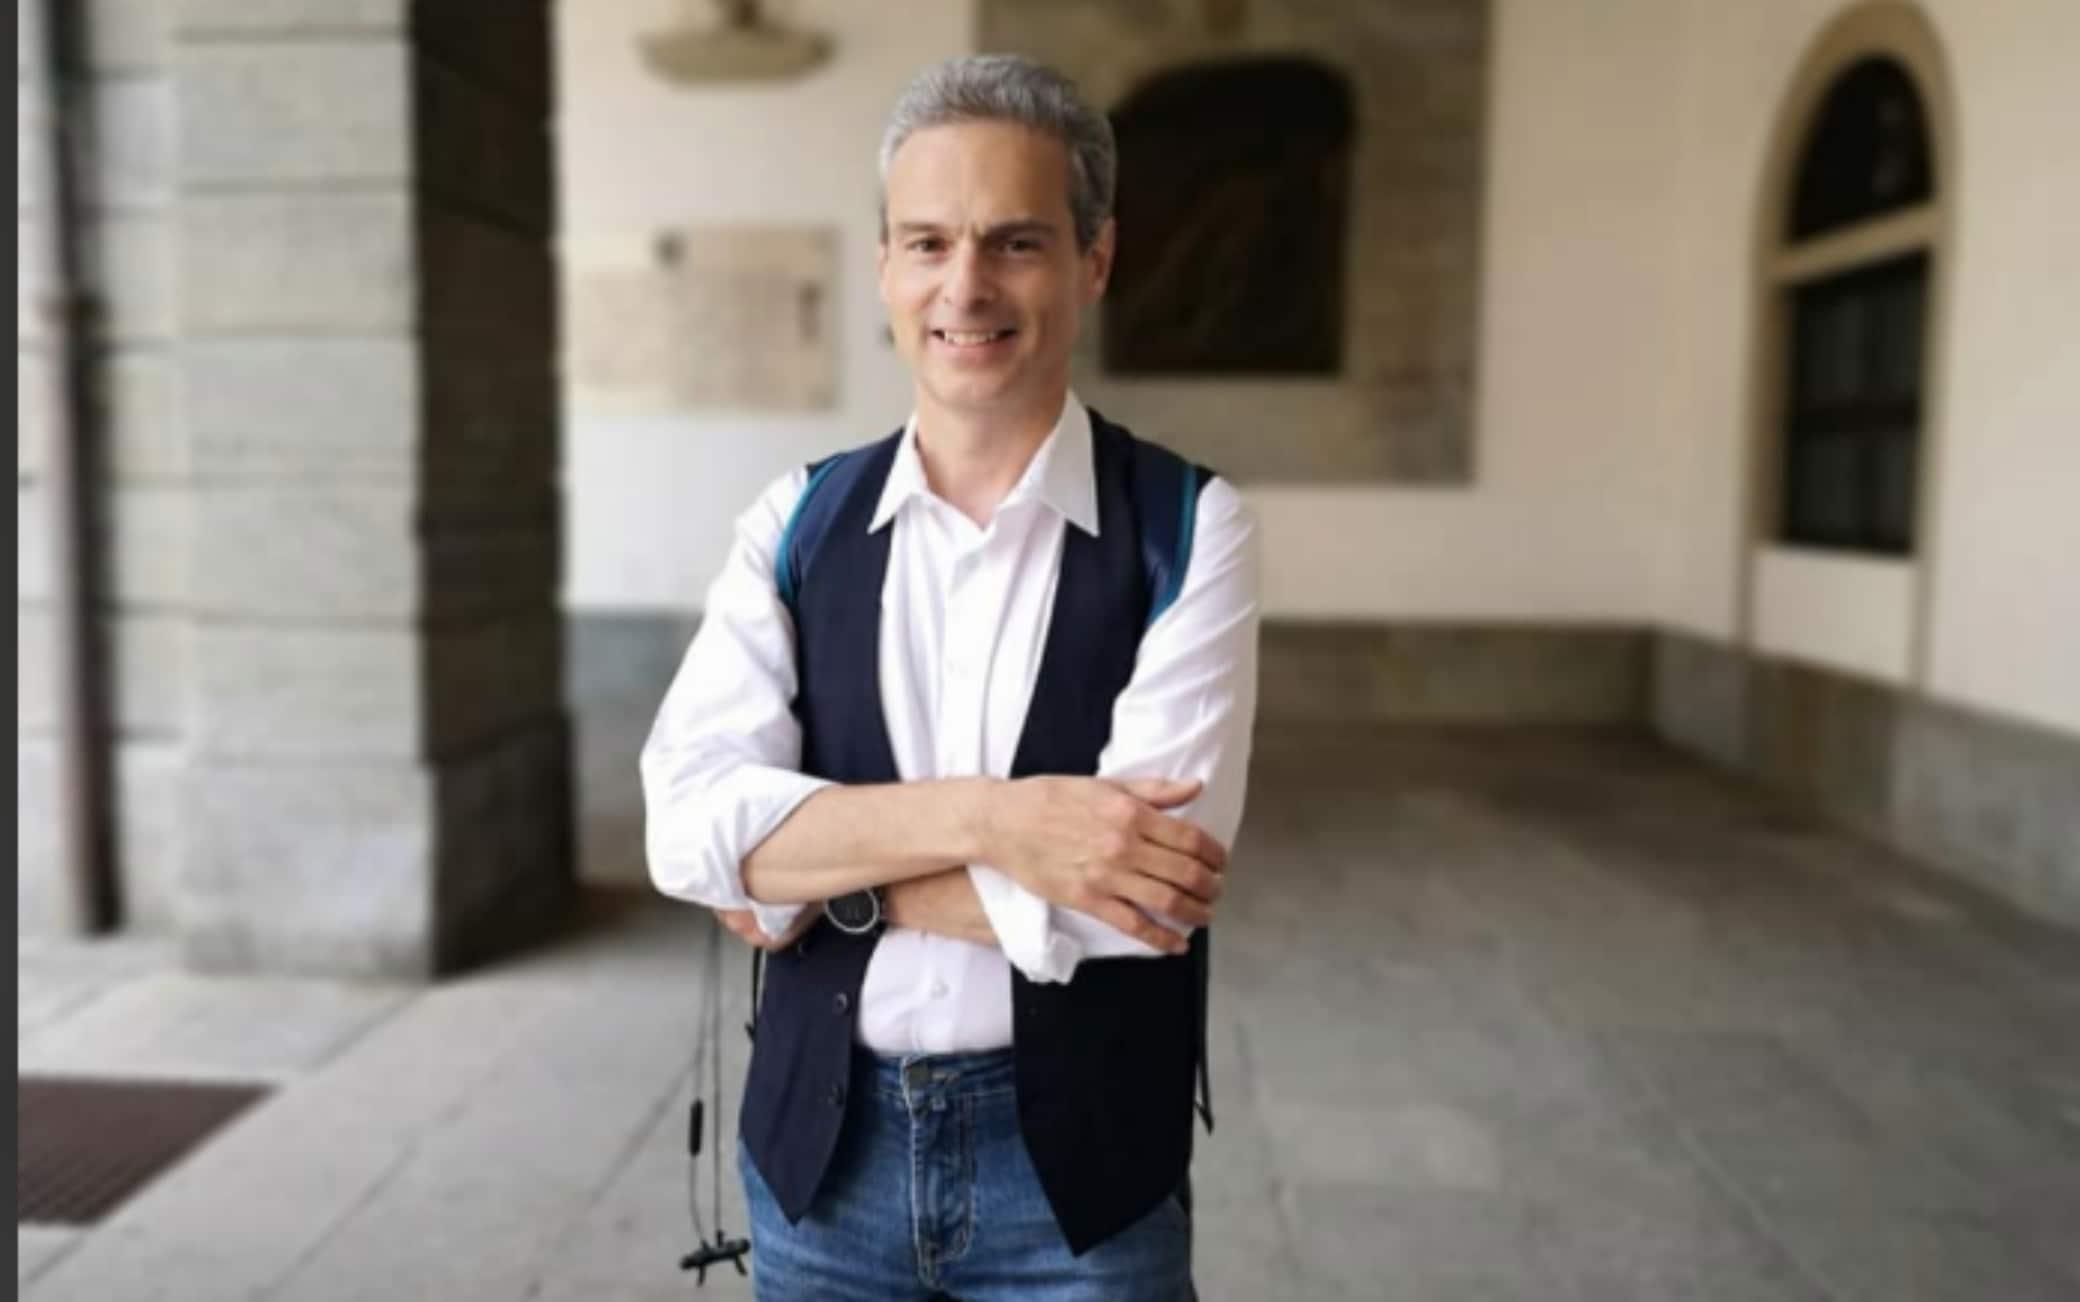 Risultati ballottaggio elezioni comunali: Nuti eletto sindaco di Aosta